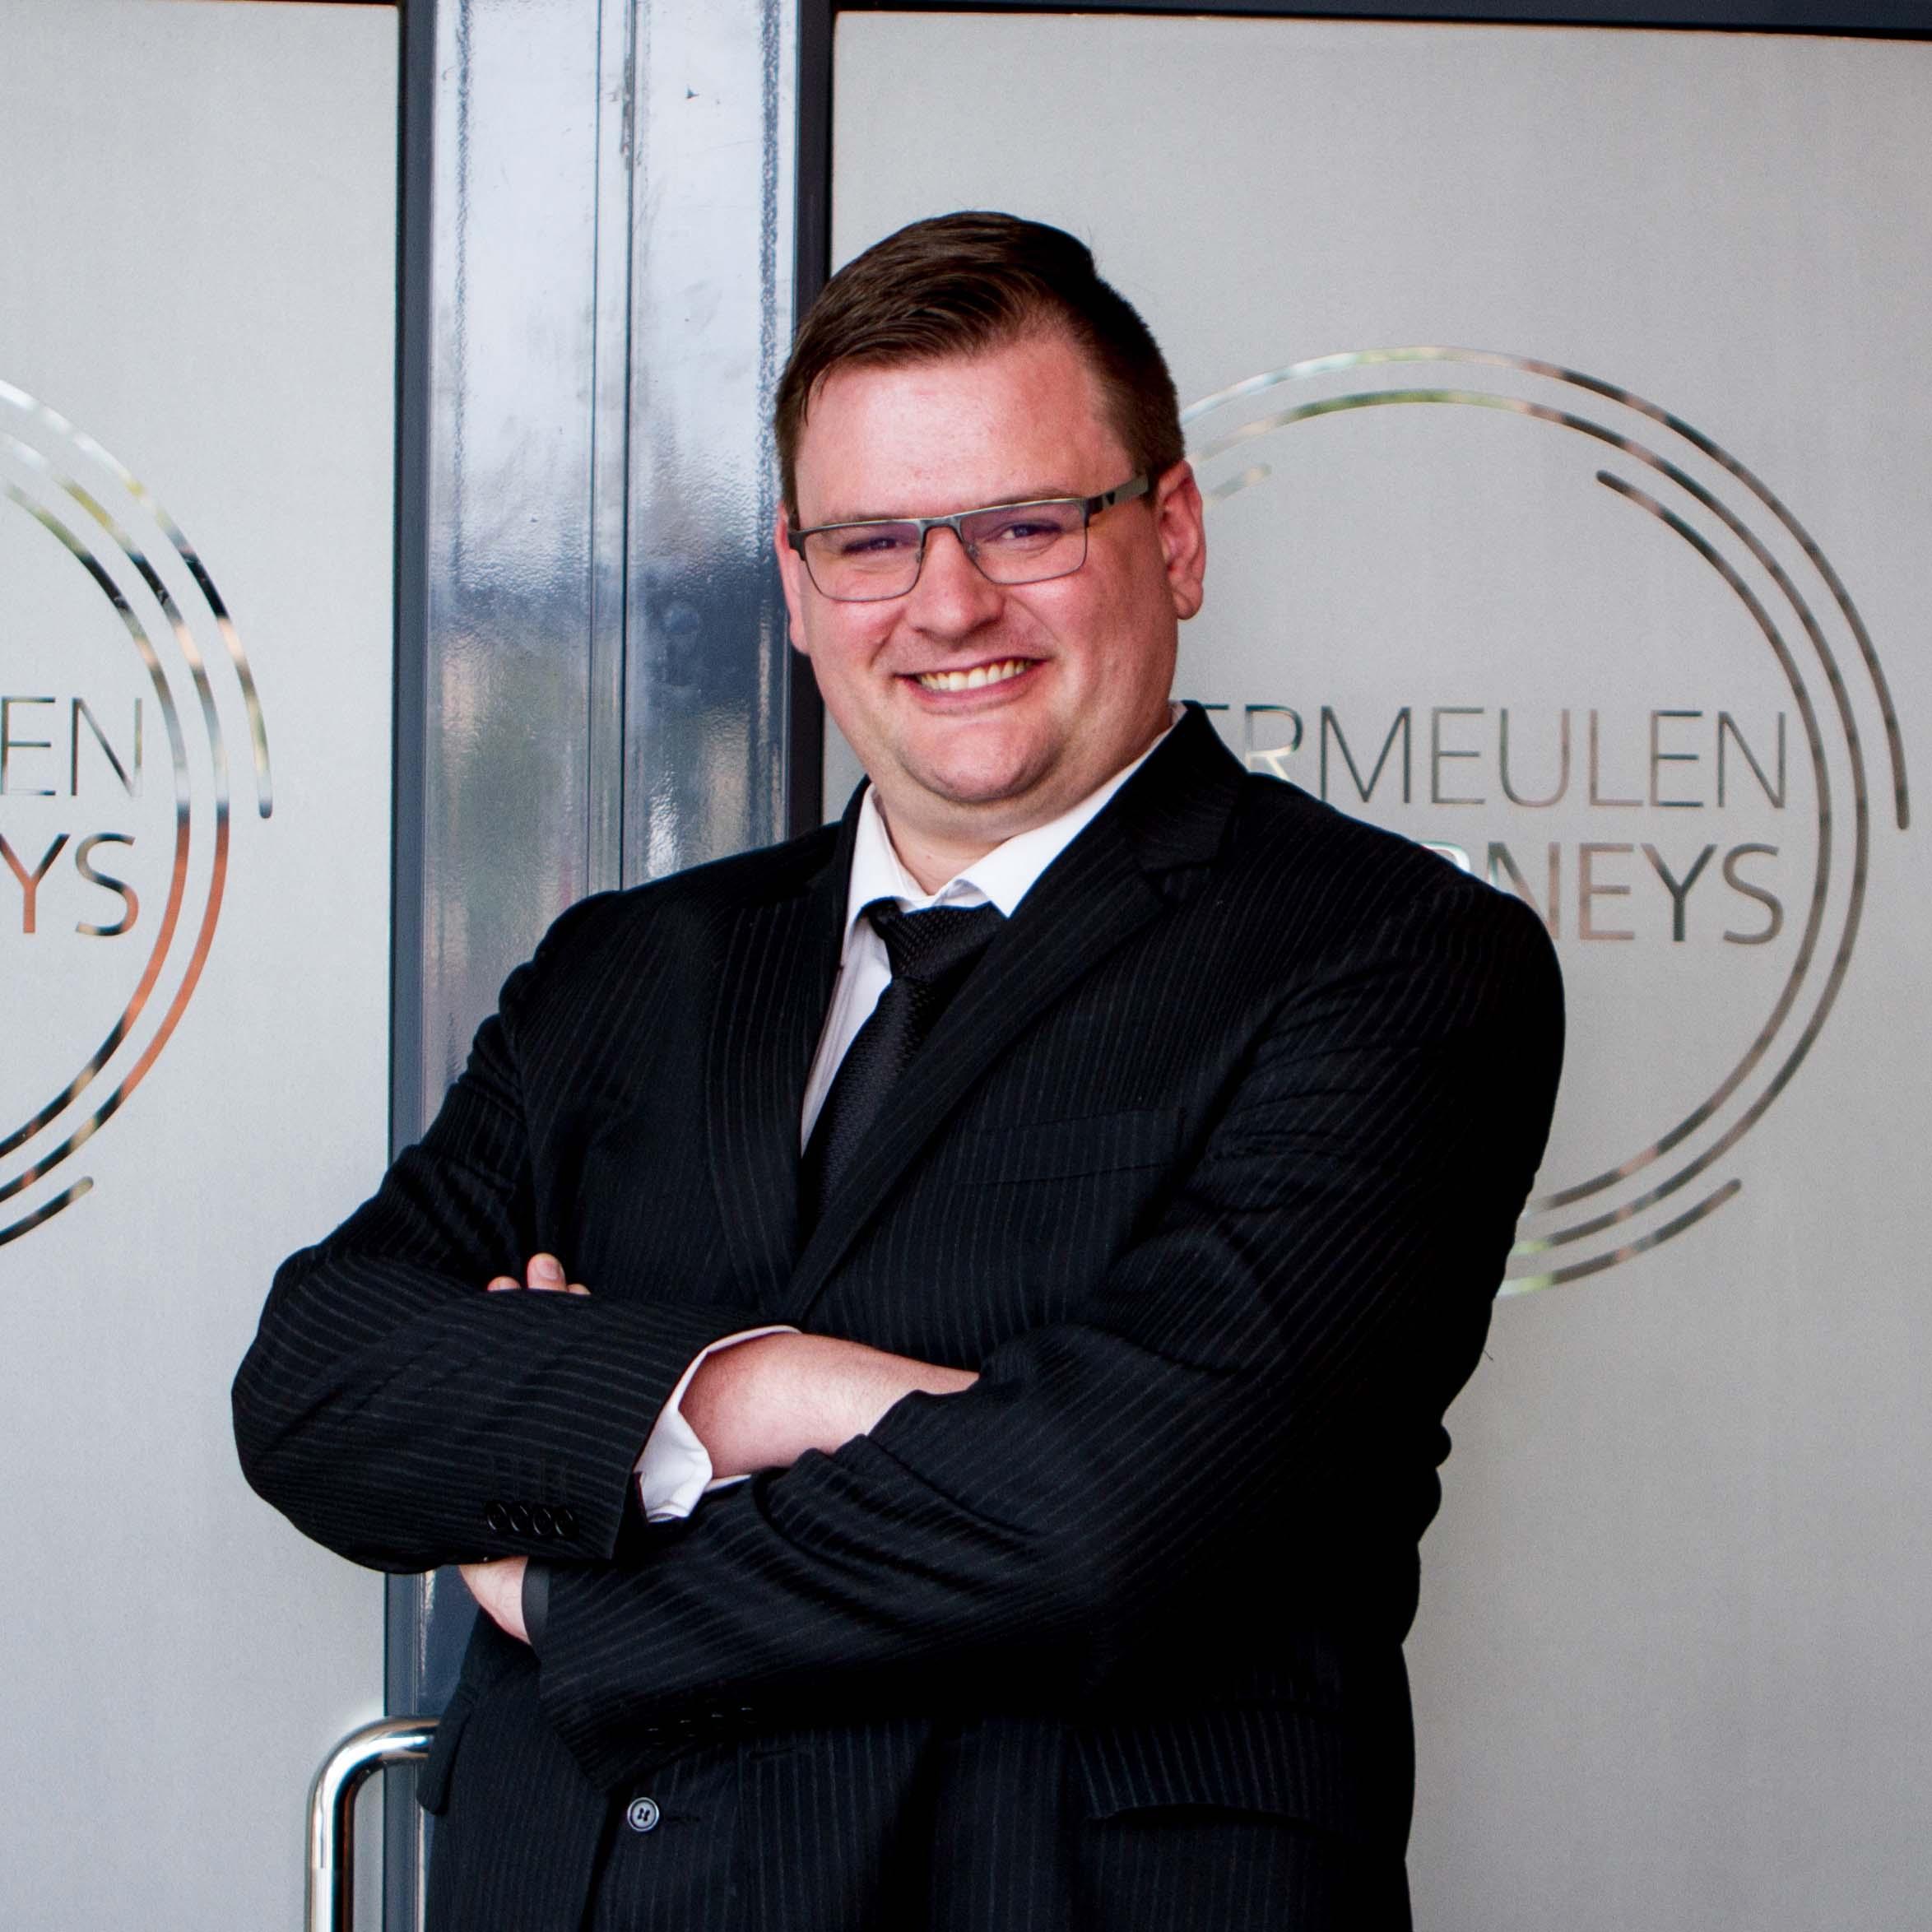 Vermeulen Attorneys - Mervyn Vermeulen